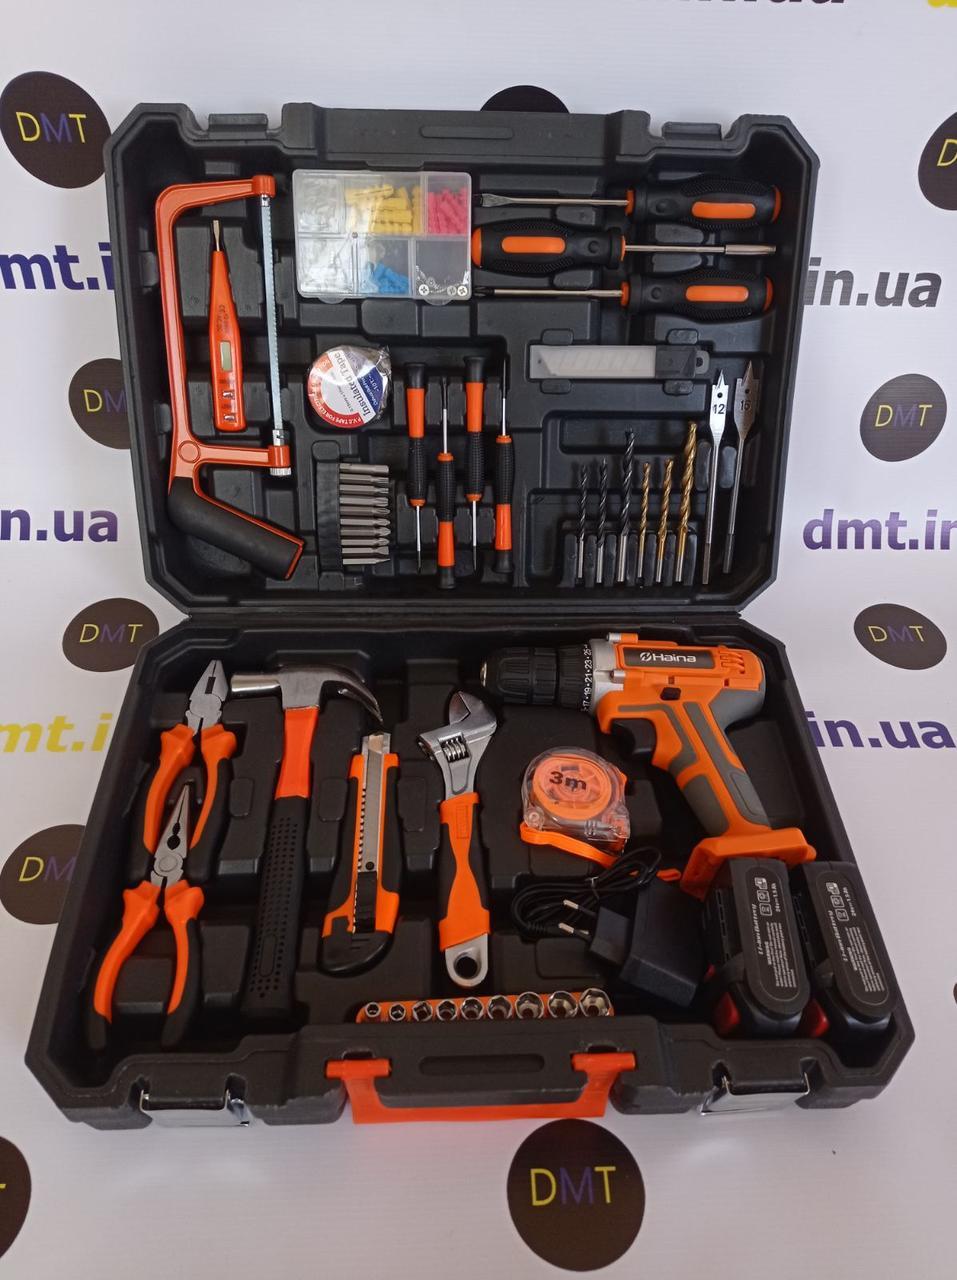 Універсальний набір інструментів для монтажу з дрилем-шуруповертом 50 предметів. Хайна 24V